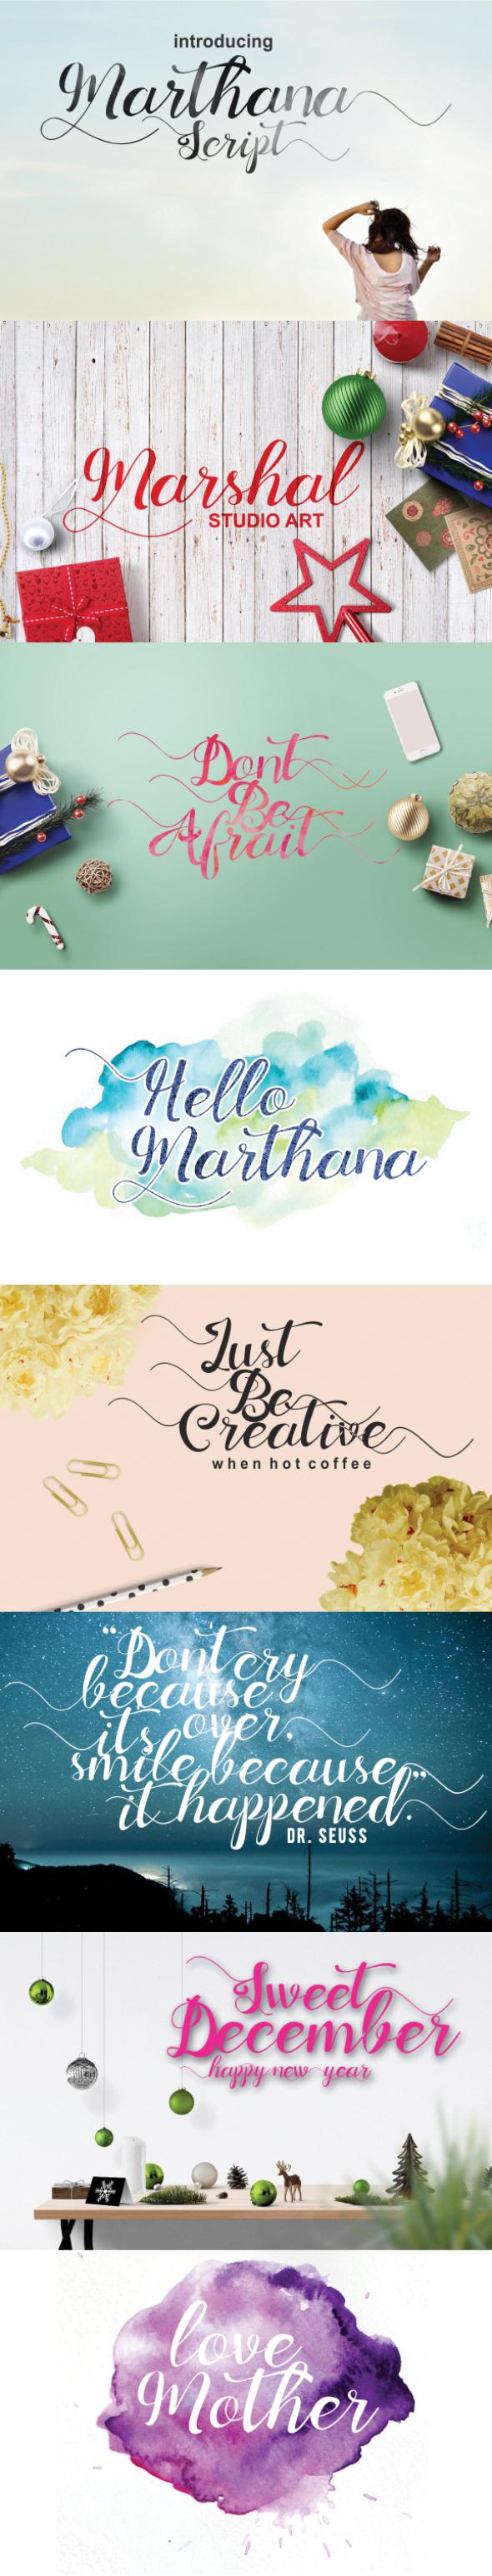 Marthana Script - Script Fonts